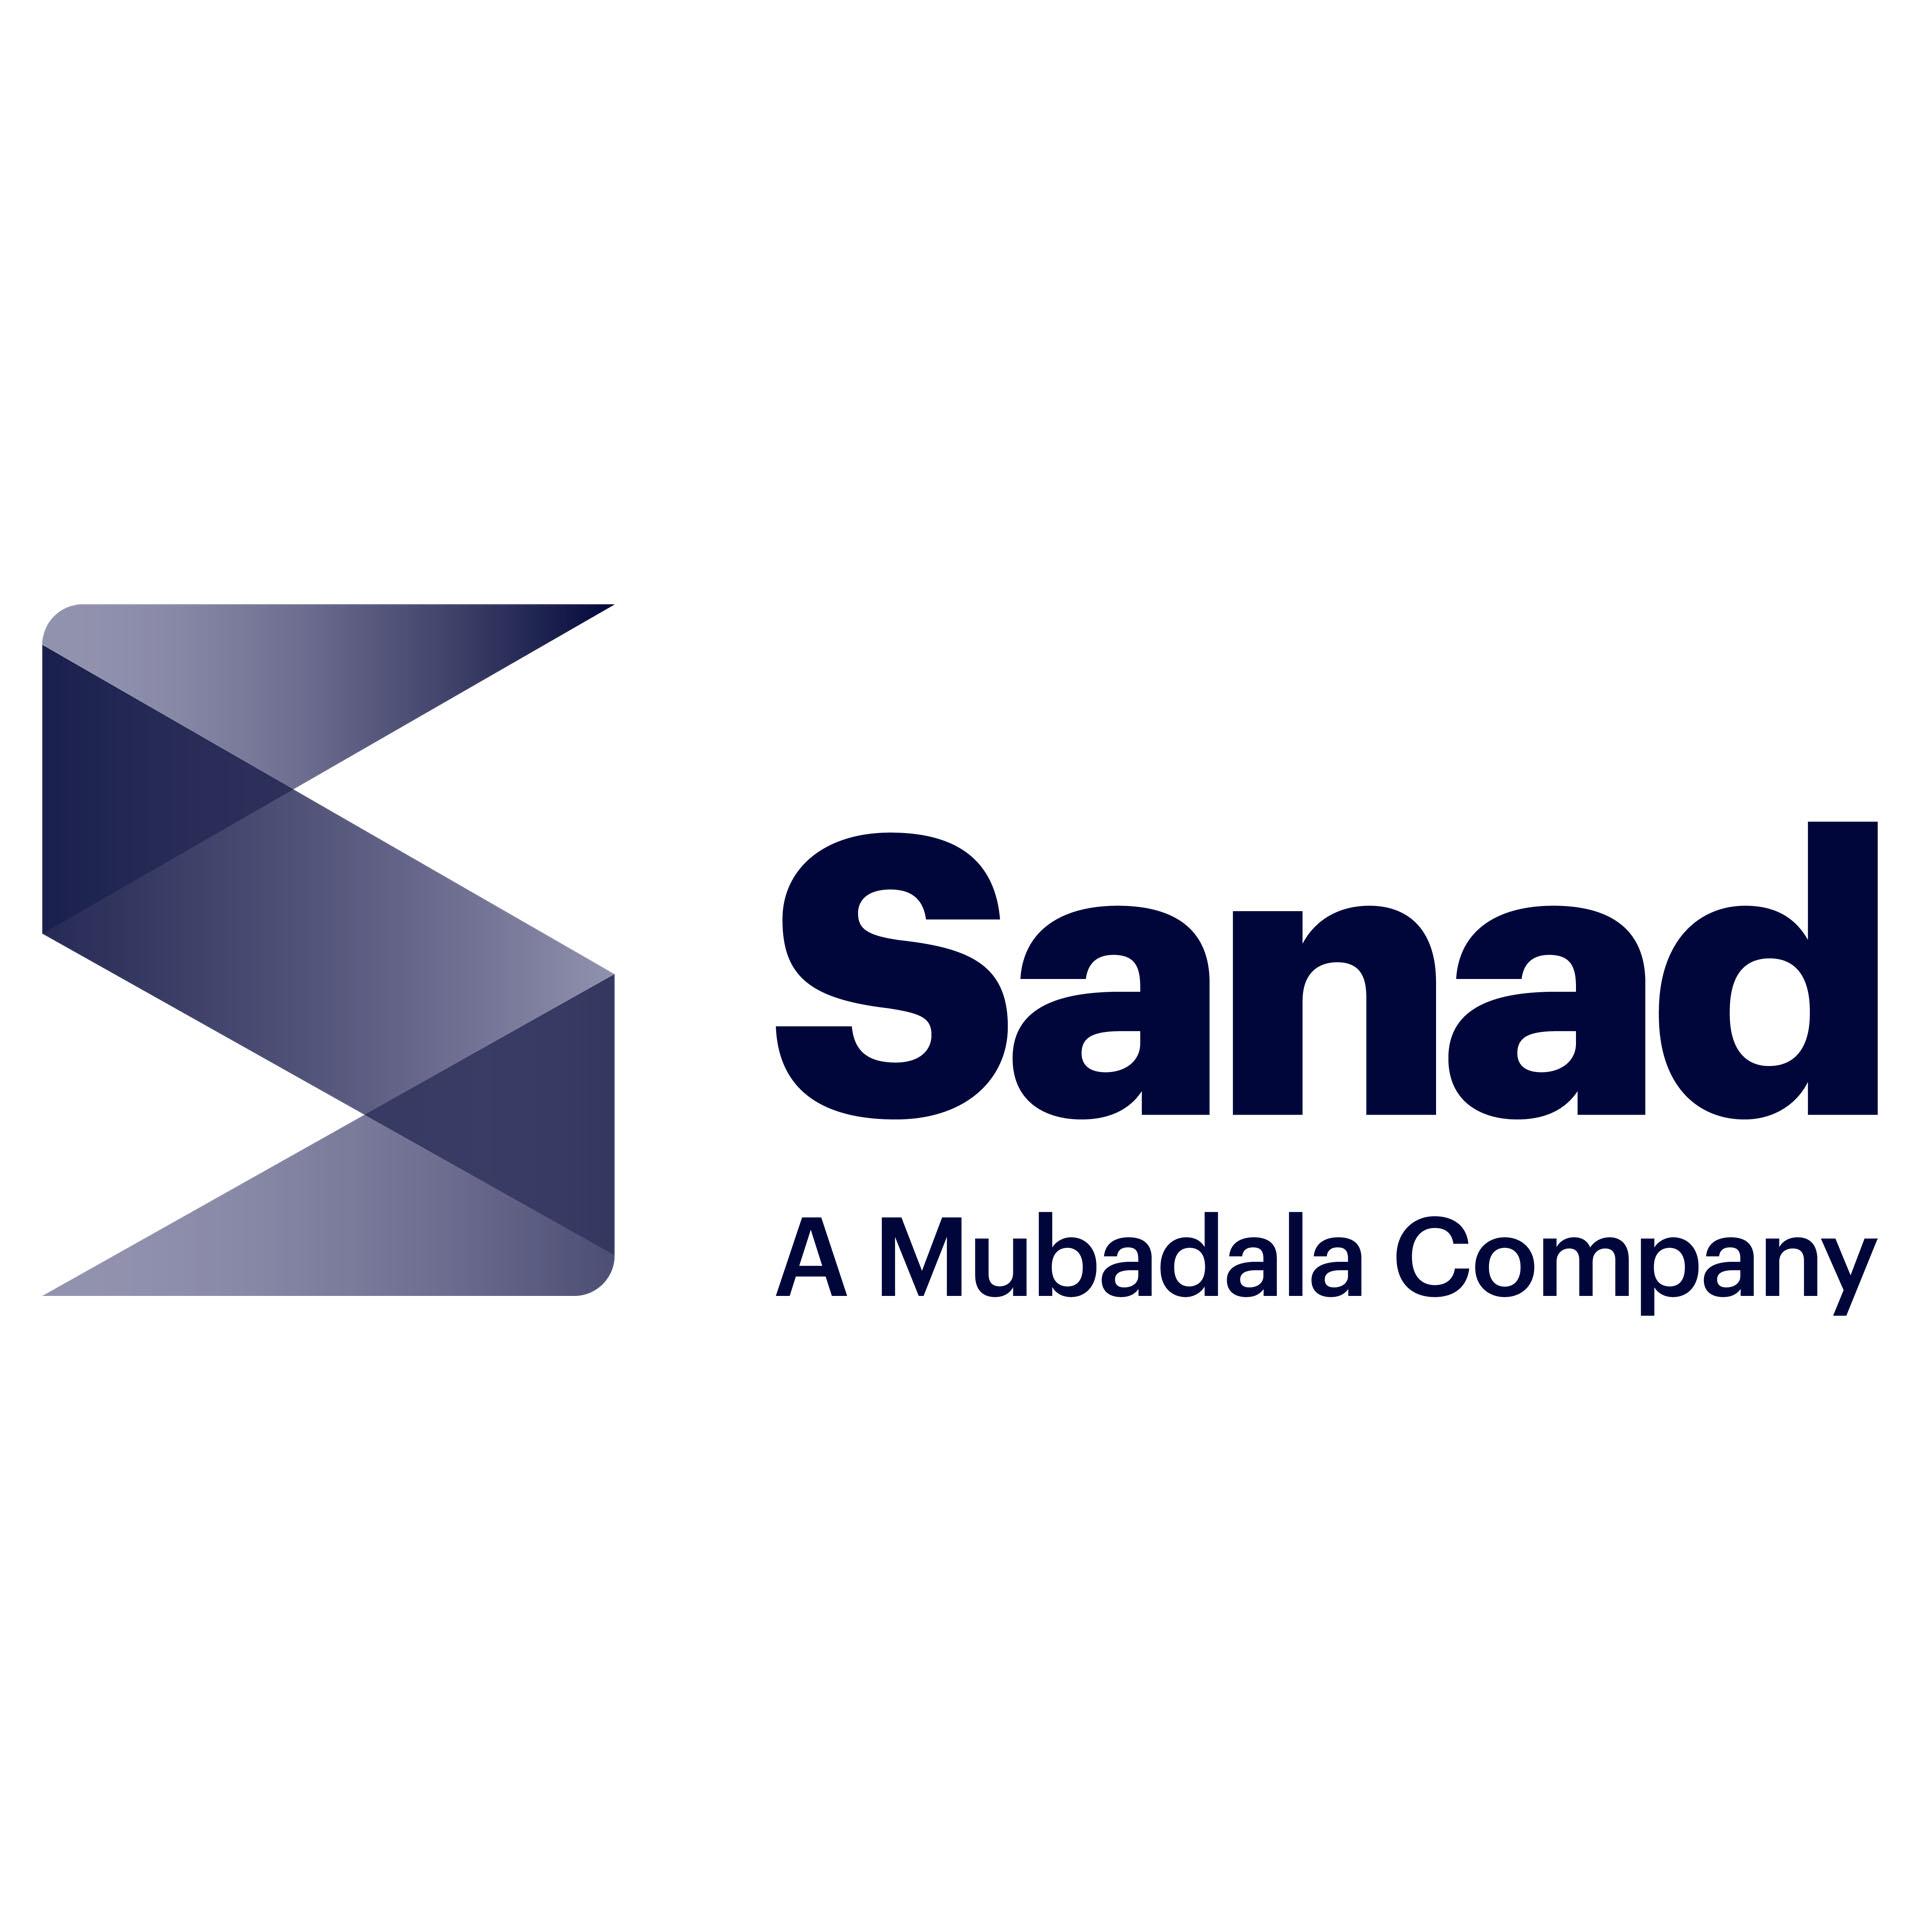 Sanad A Mubadala Company